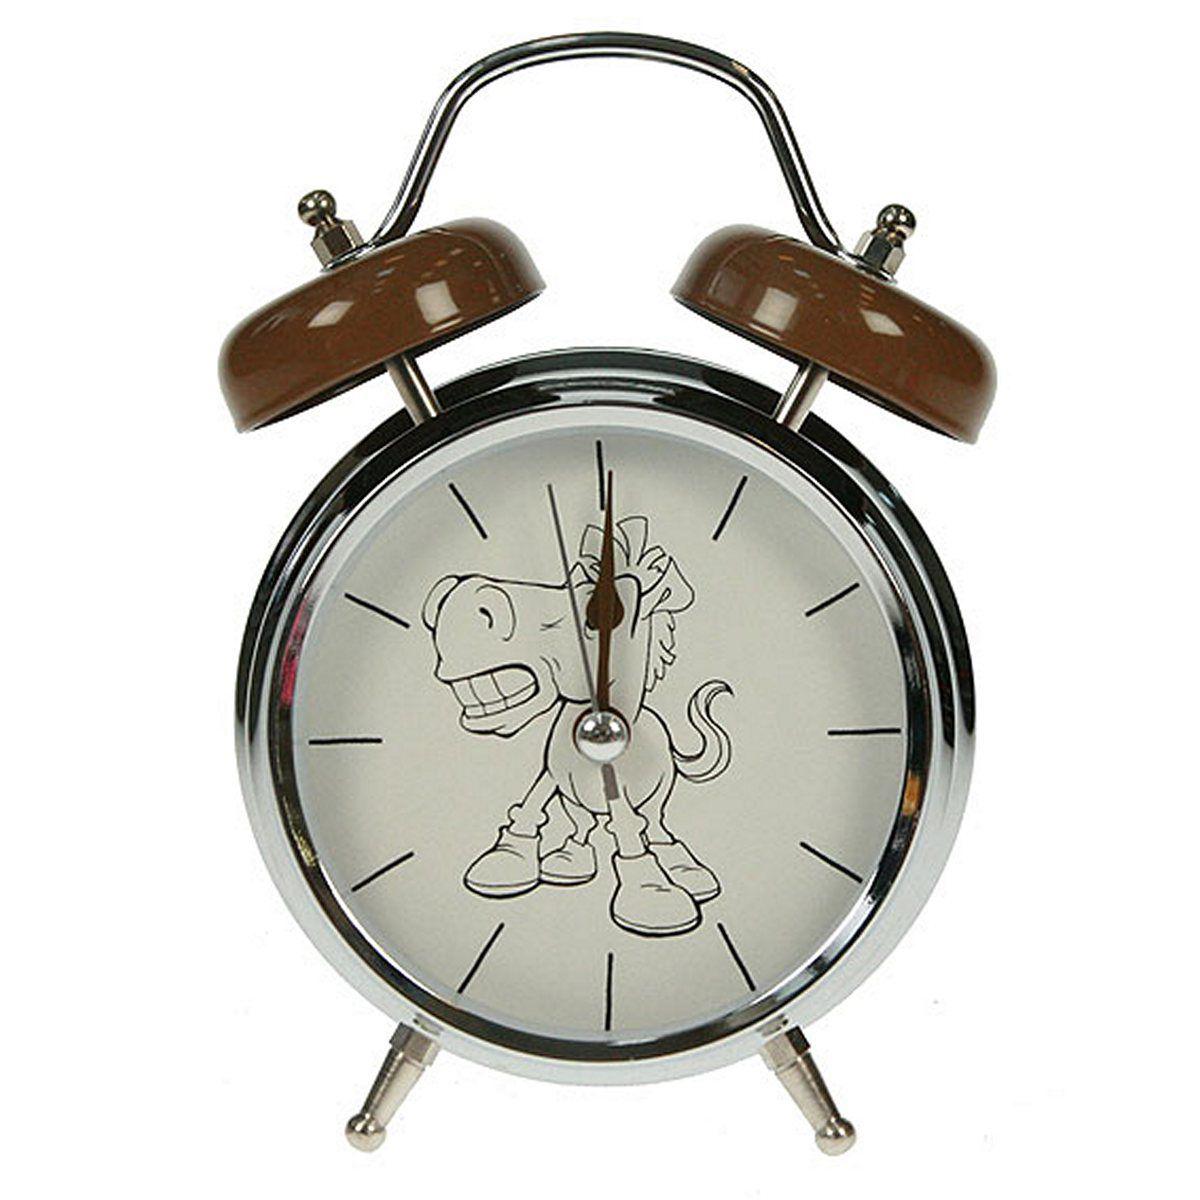 Часы настольные Русские Подарки Лошадь, с функцией будильника, 12 х 6 х 17 см. 23241794672Настольные кварцевые часы Русские Подарки Лошадь изготовлены из металла, циферблат защищен стеклом. Оригинальное оформление в виде смешной лошадки поднимет настроение, а благодаря функции будильника вы проснетесь вовремя. Часы имеют три стрелки - часовую, минутную и секундную.Такие часы украсят интерьер дома или рабочий стол в офисе. Также часы могут стать уникальным, полезным подарком для родственников, коллег, знакомых и близких.Часы работают от батареек типа АА (в комплект не входят).